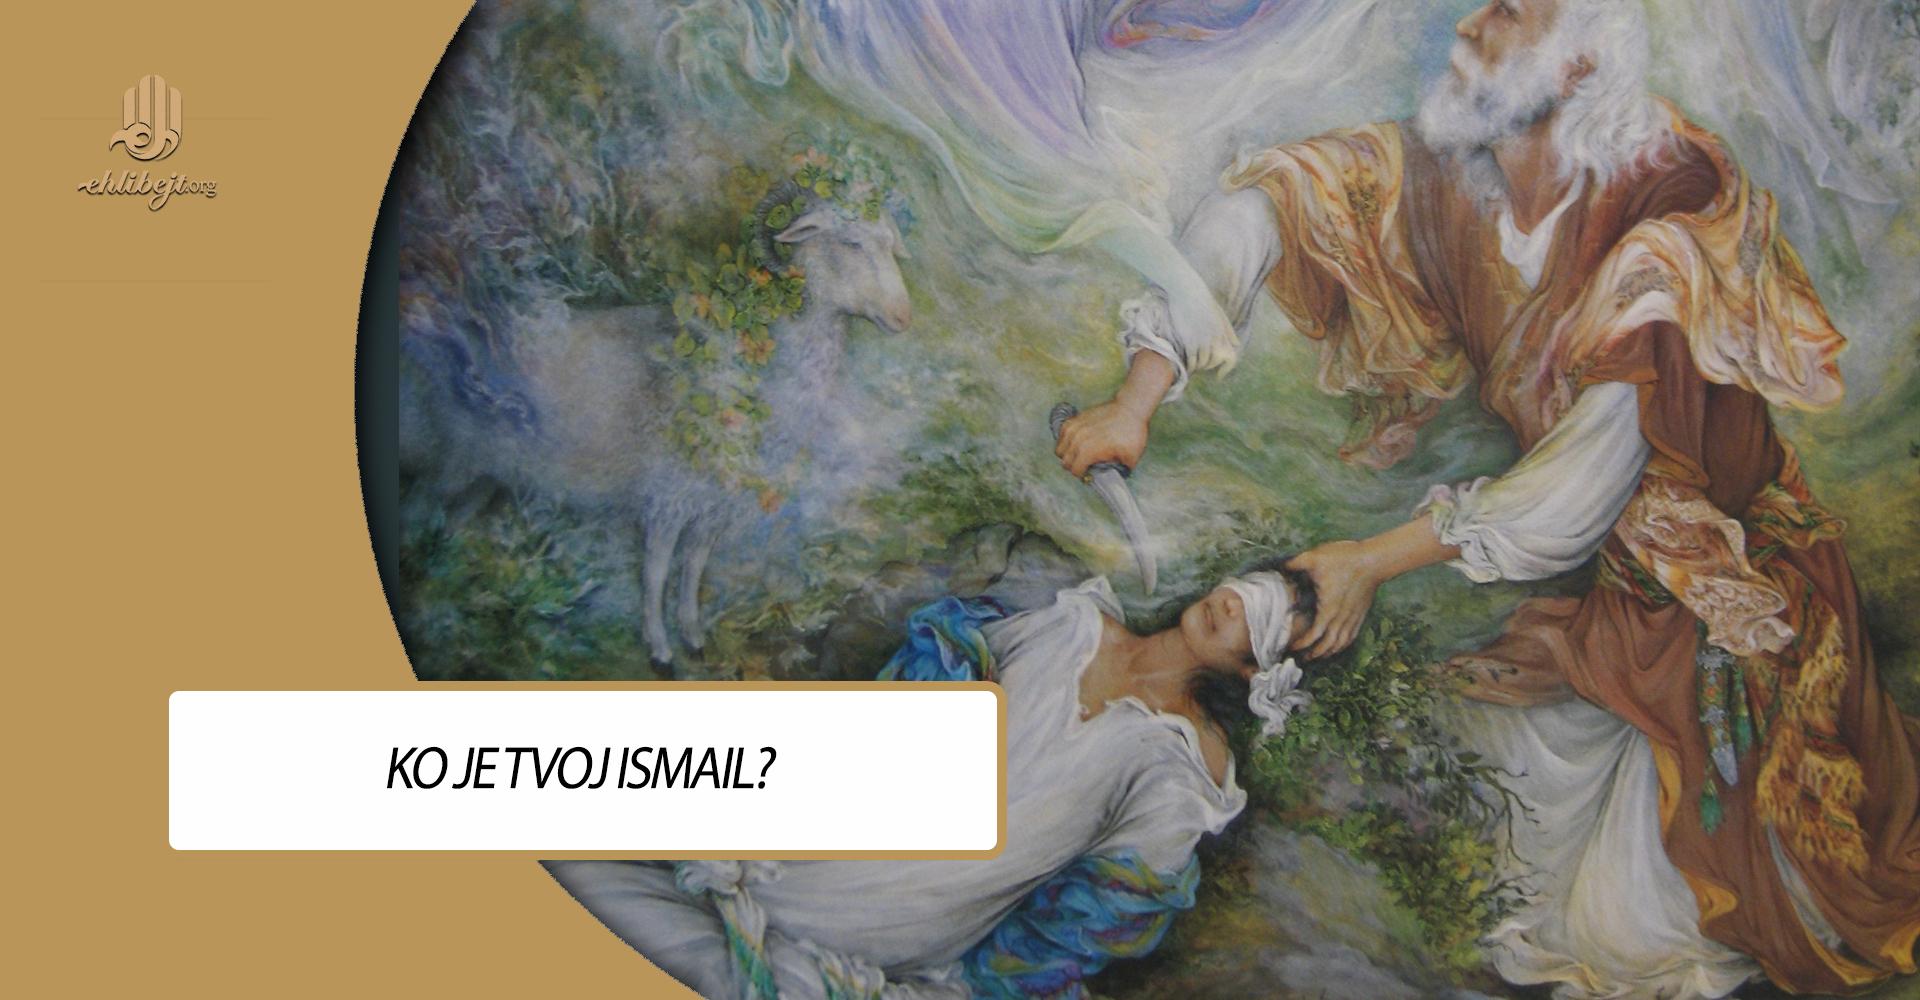 Ko je tvoj Ismail?